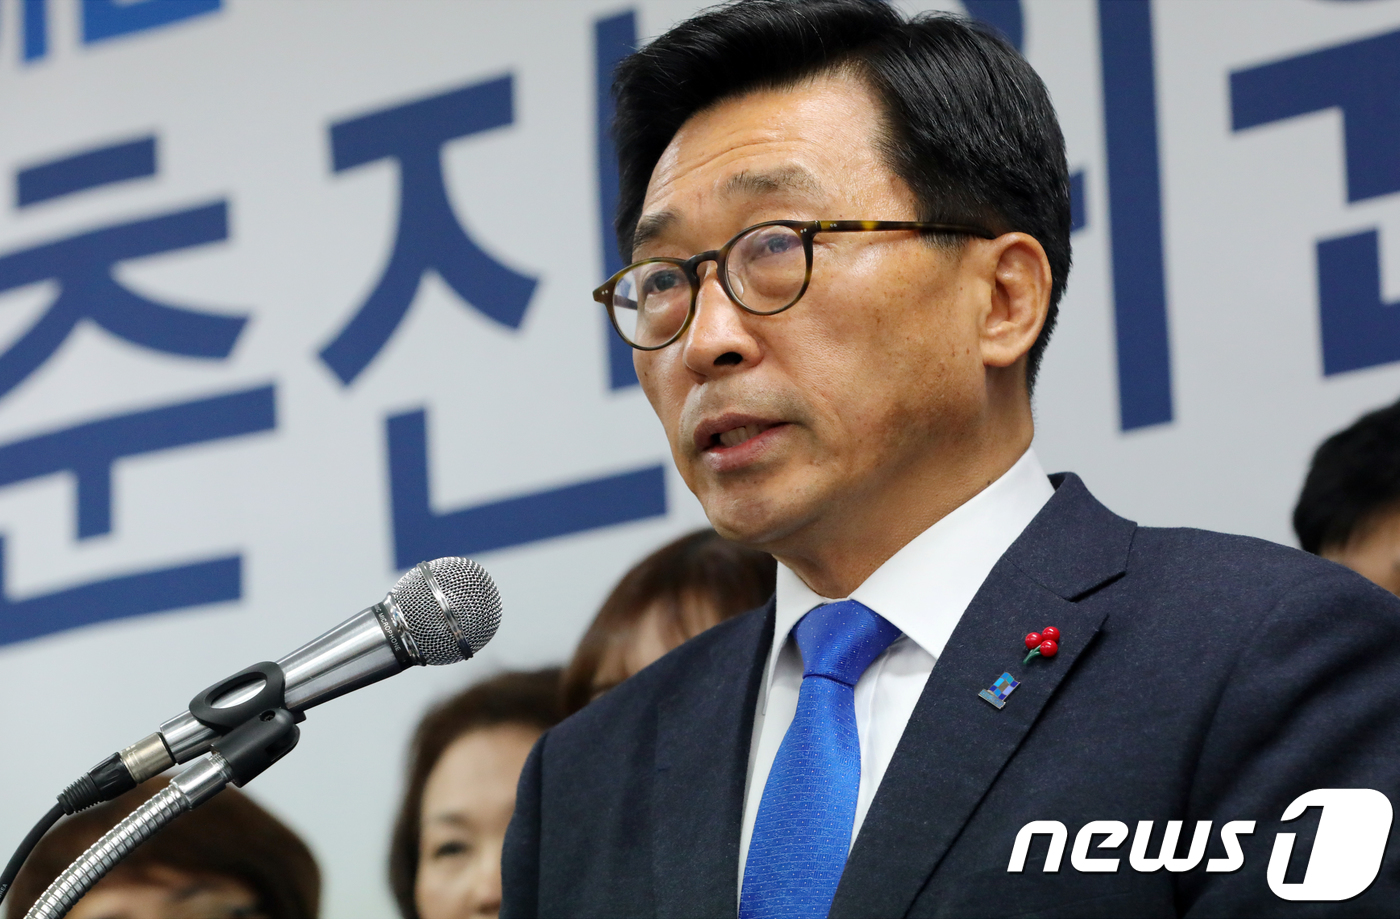 김춘진 민주당 전북도당위원장 ¨도지사 경선 출마¨